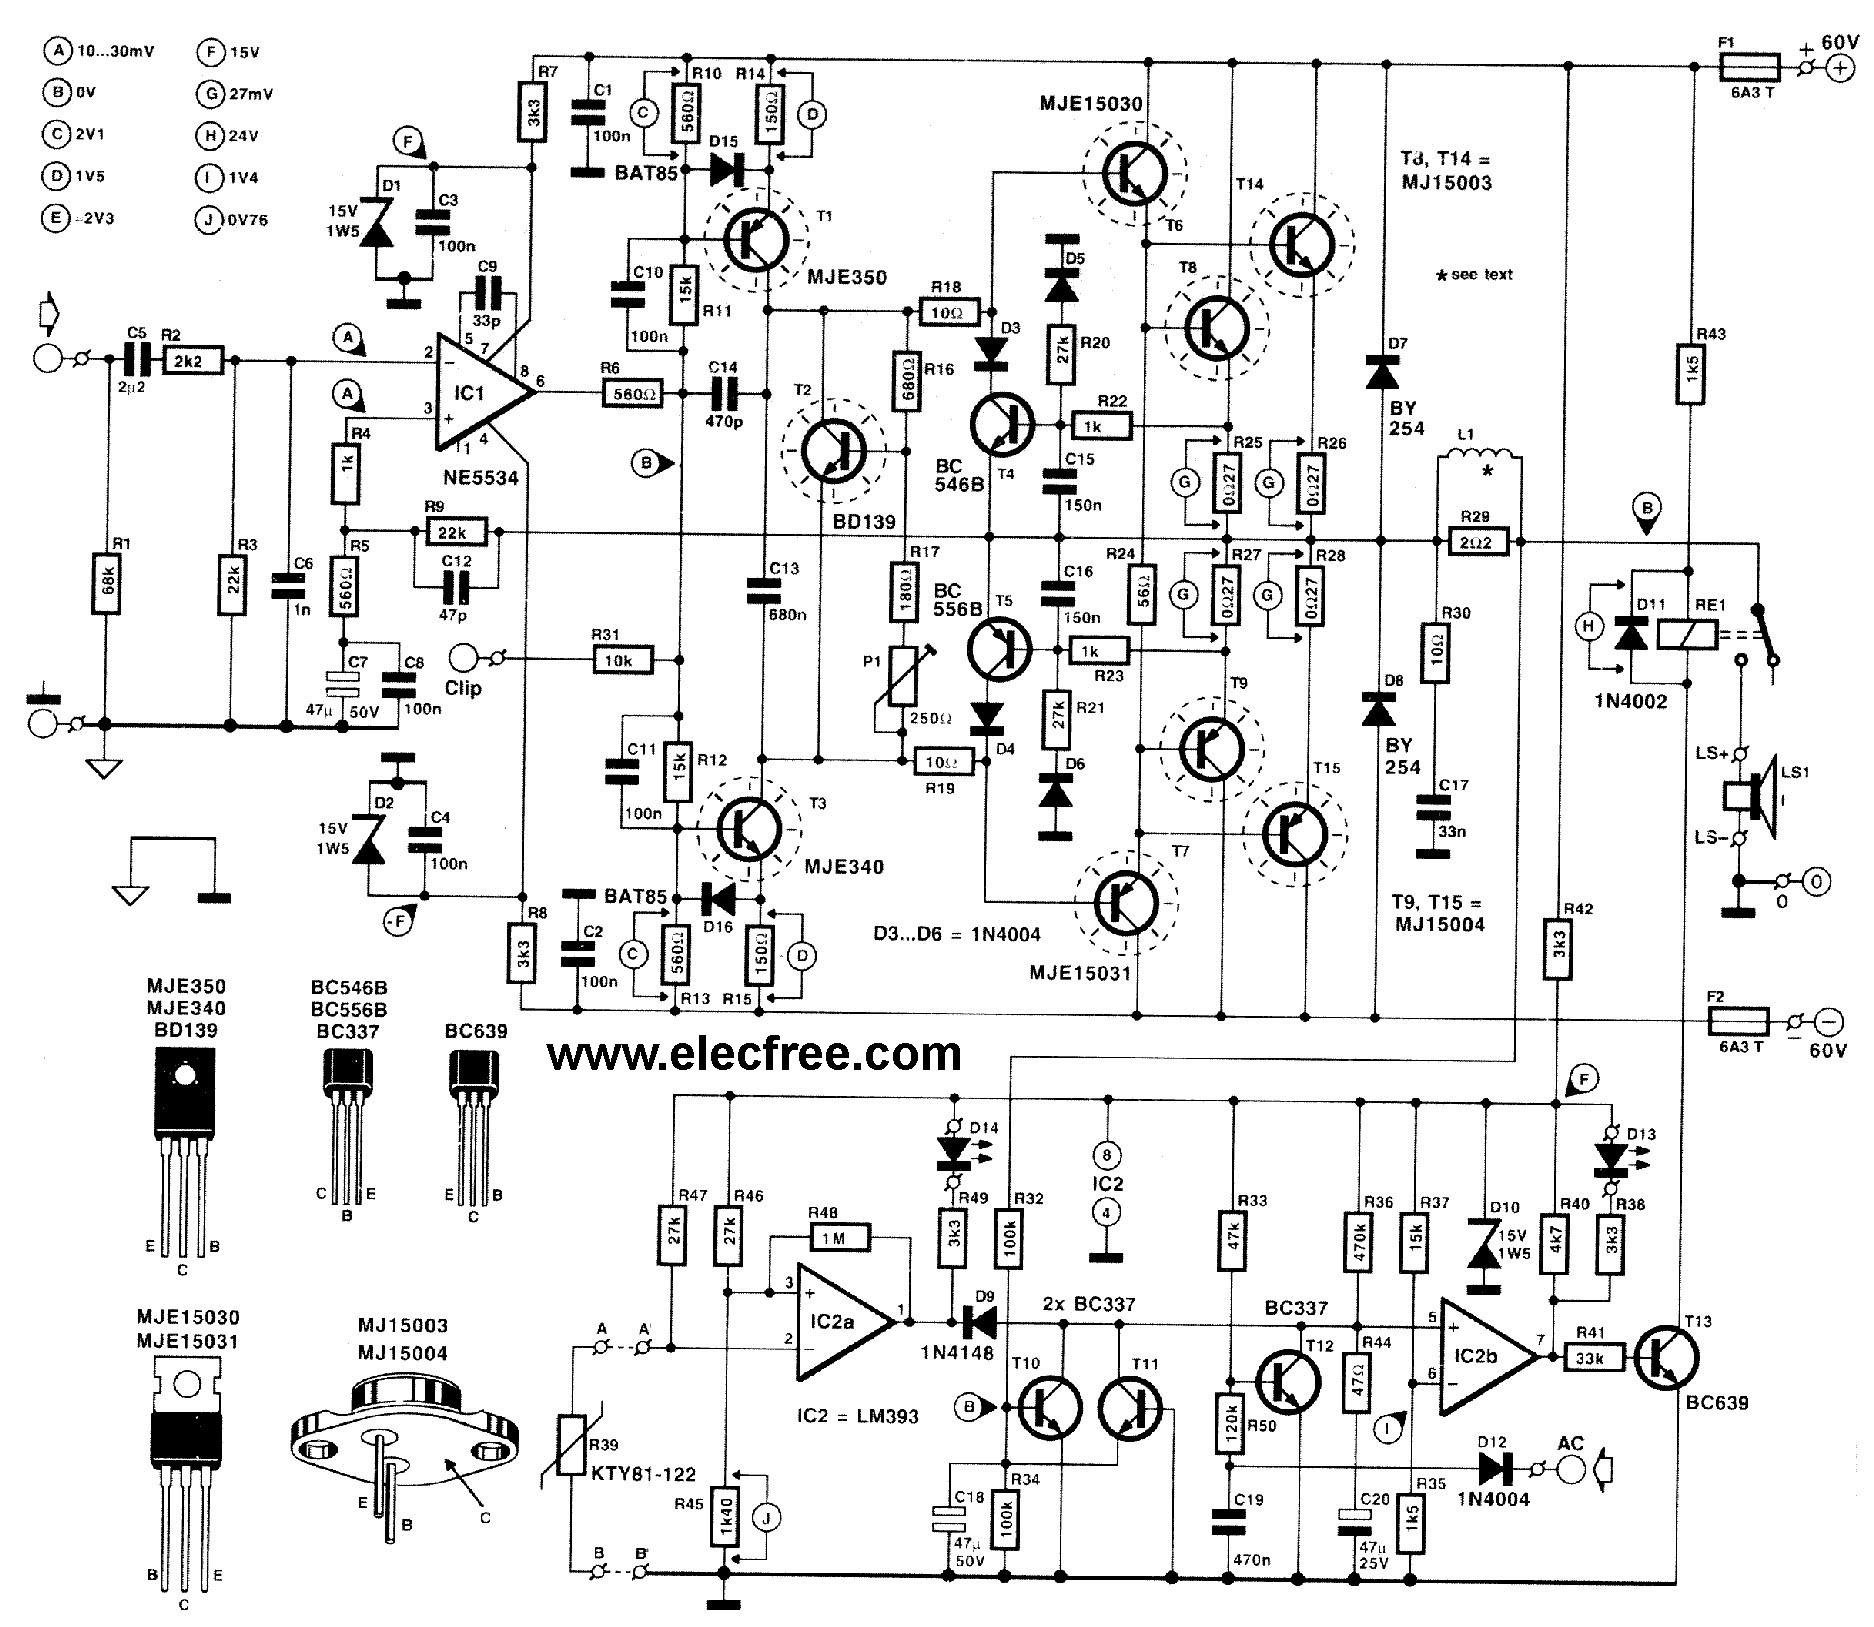 PoworAmp 300Watt menggunakan Transistor MJ15003 dan